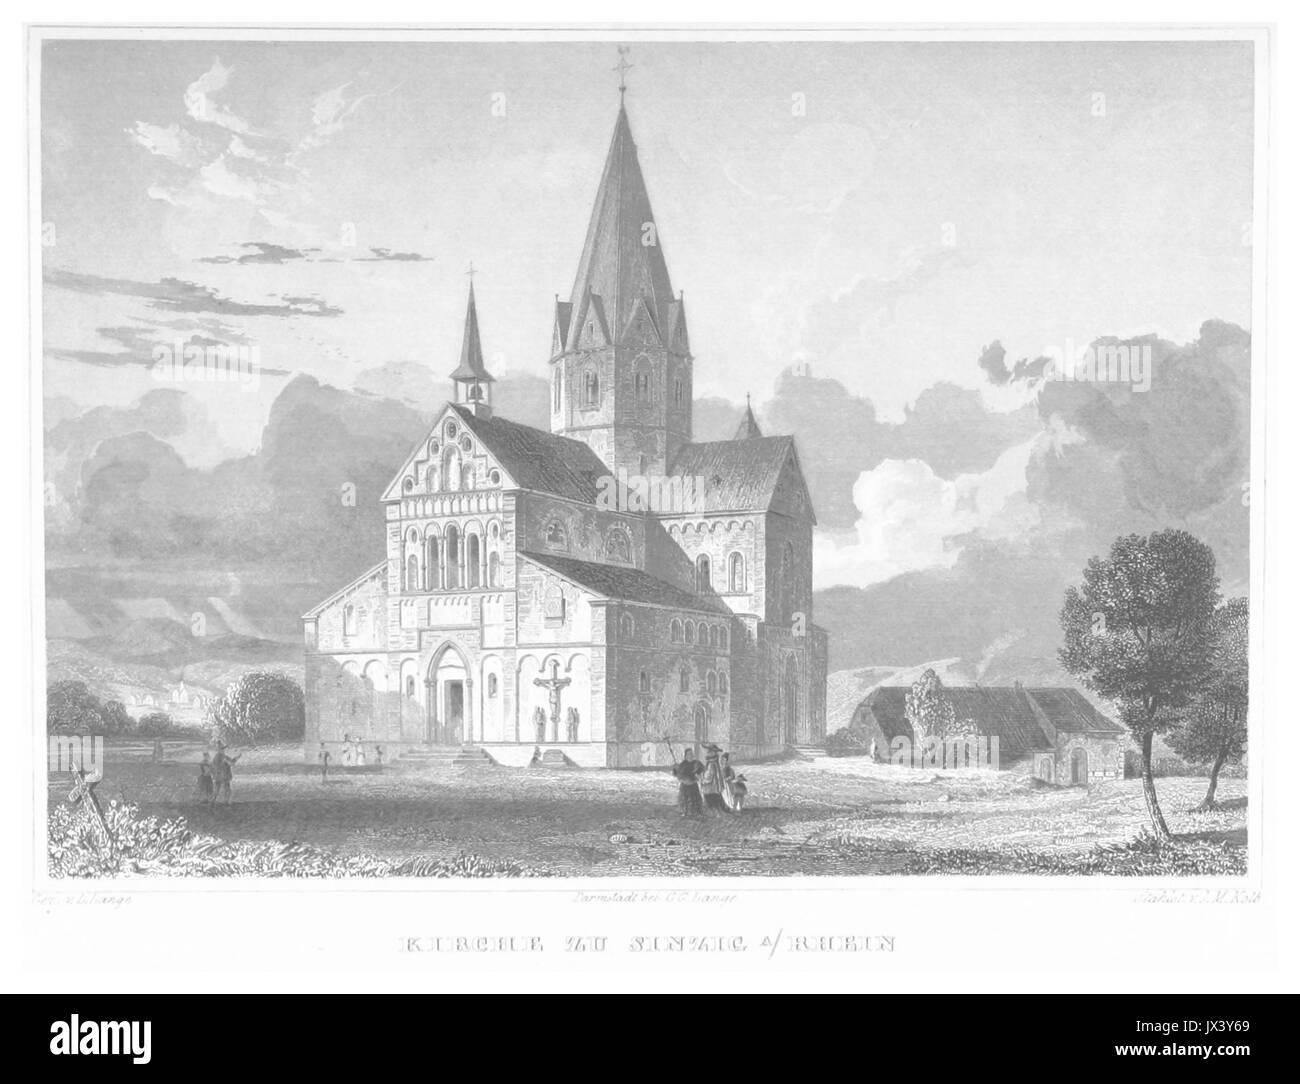 POPPEL(1852) p661 KIRCHE ZU SINZIG AM RHEIN - Stock Image